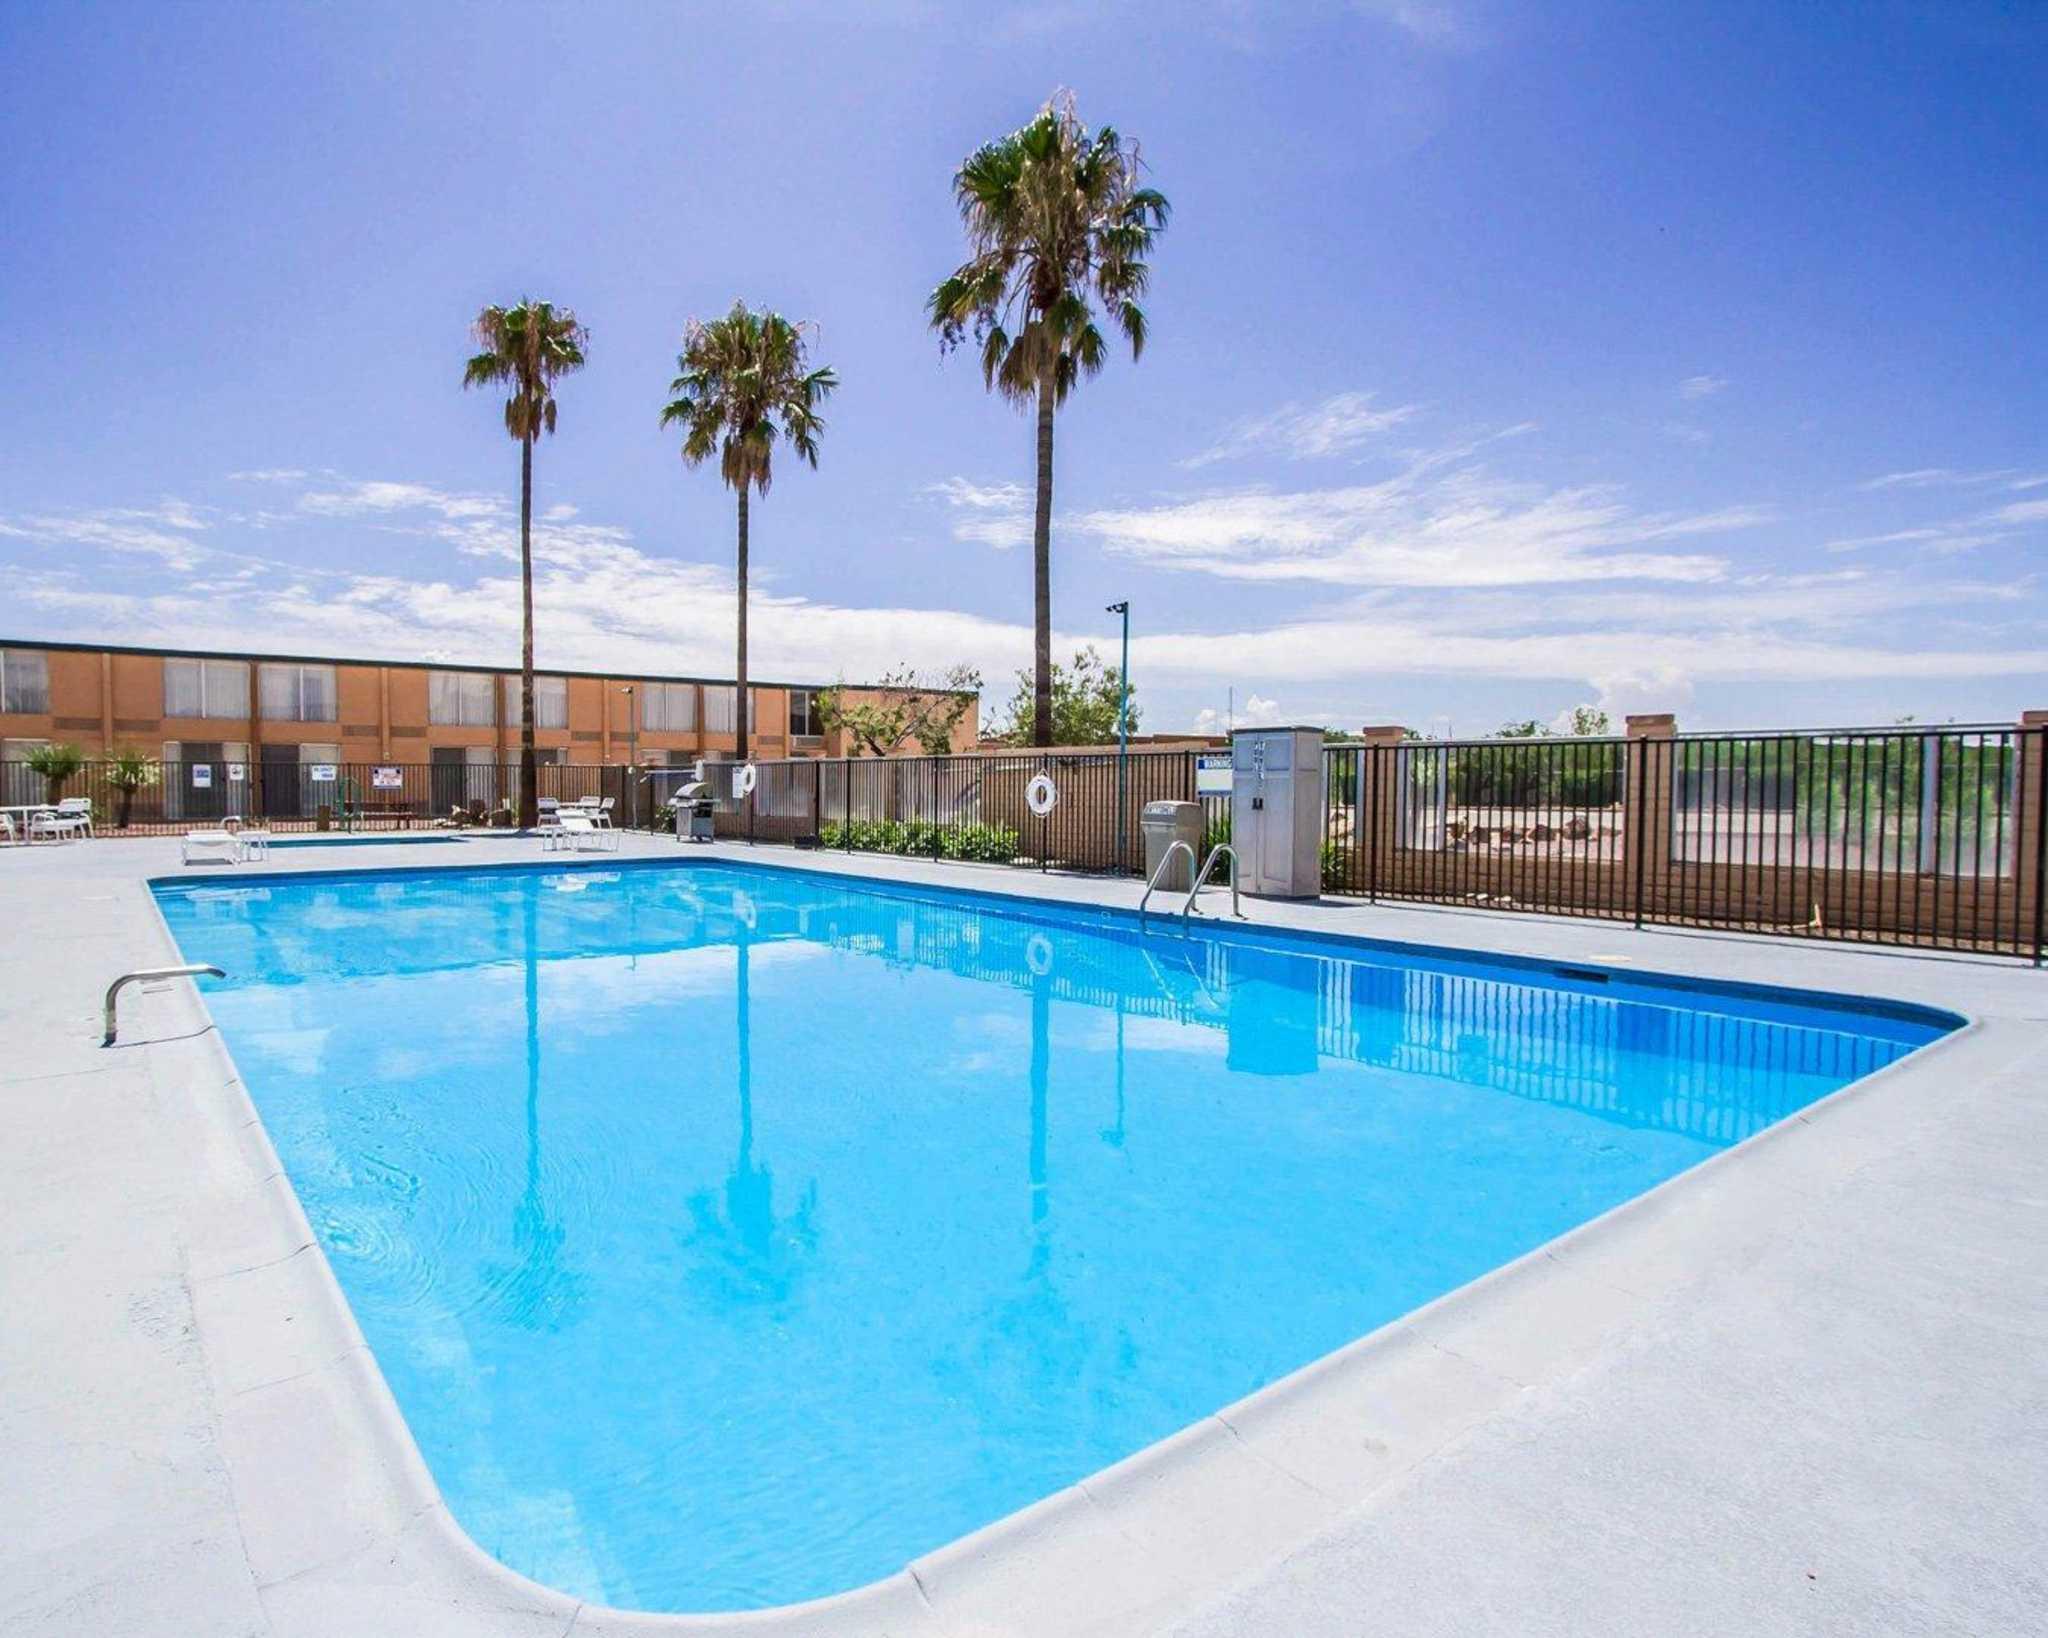 Quality Inn In Sierra Vista Az 85635